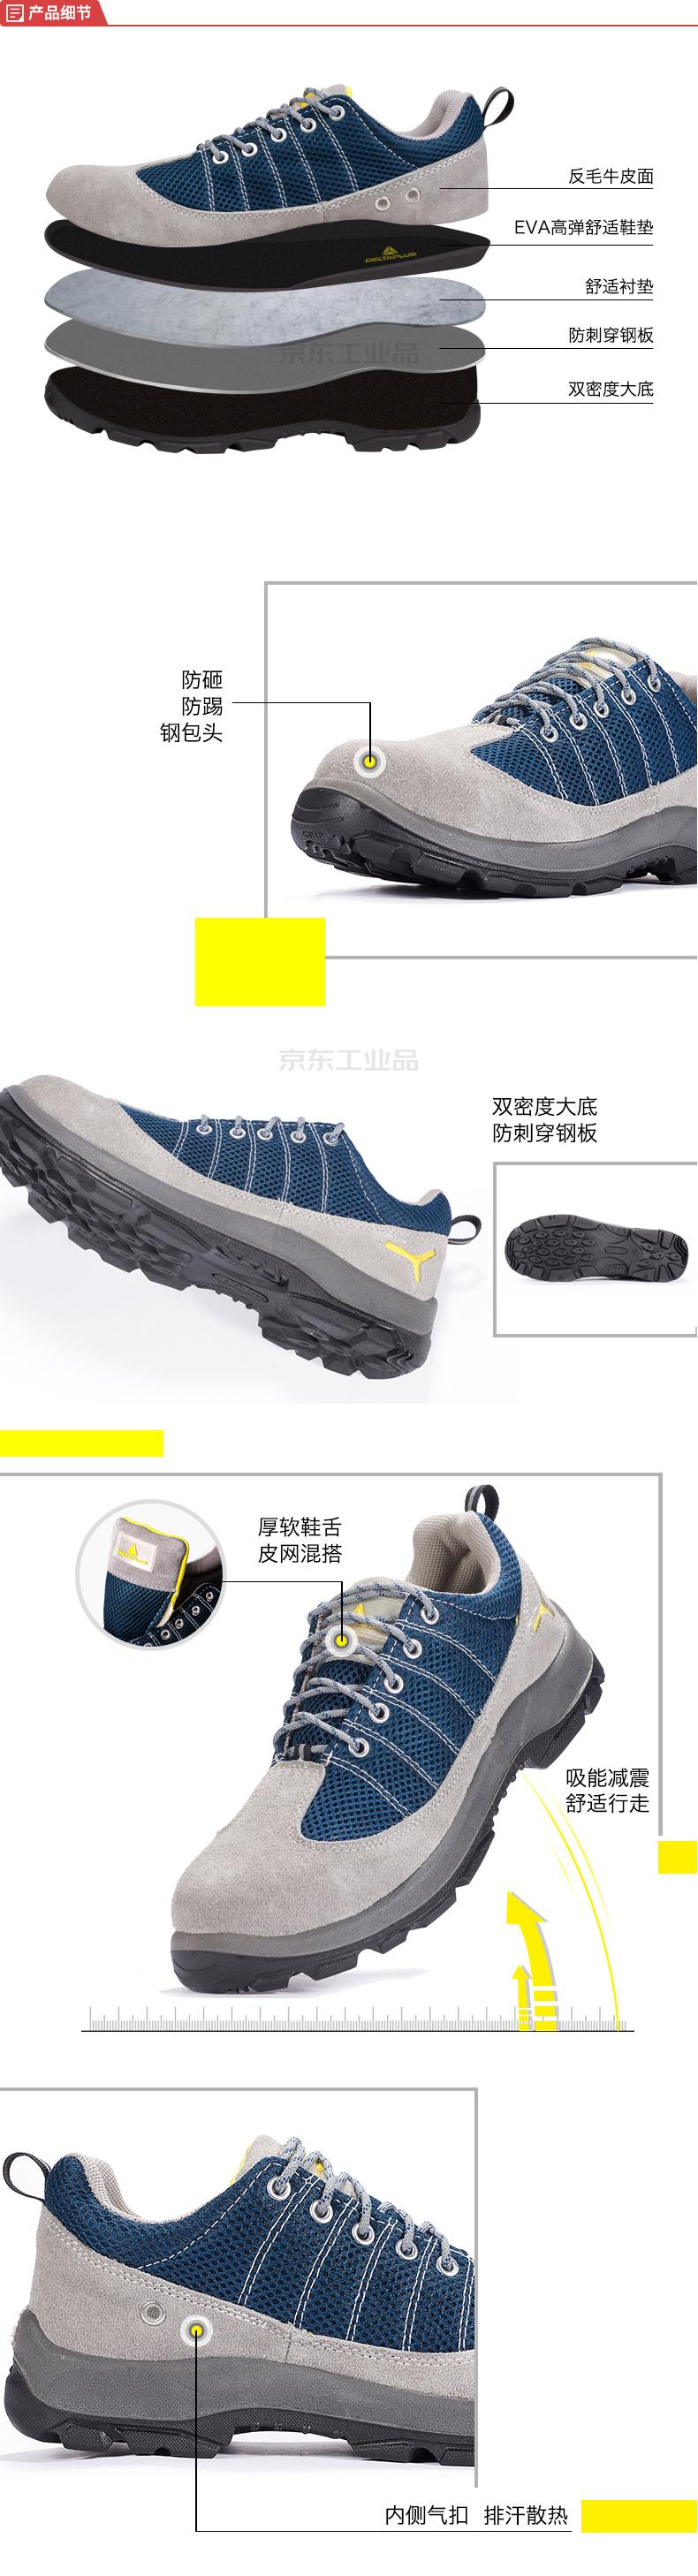 代尔塔 安全鞋 彩虹系列S1P,防砸防静电防刺穿,灰蓝色36码;301232-GB-36